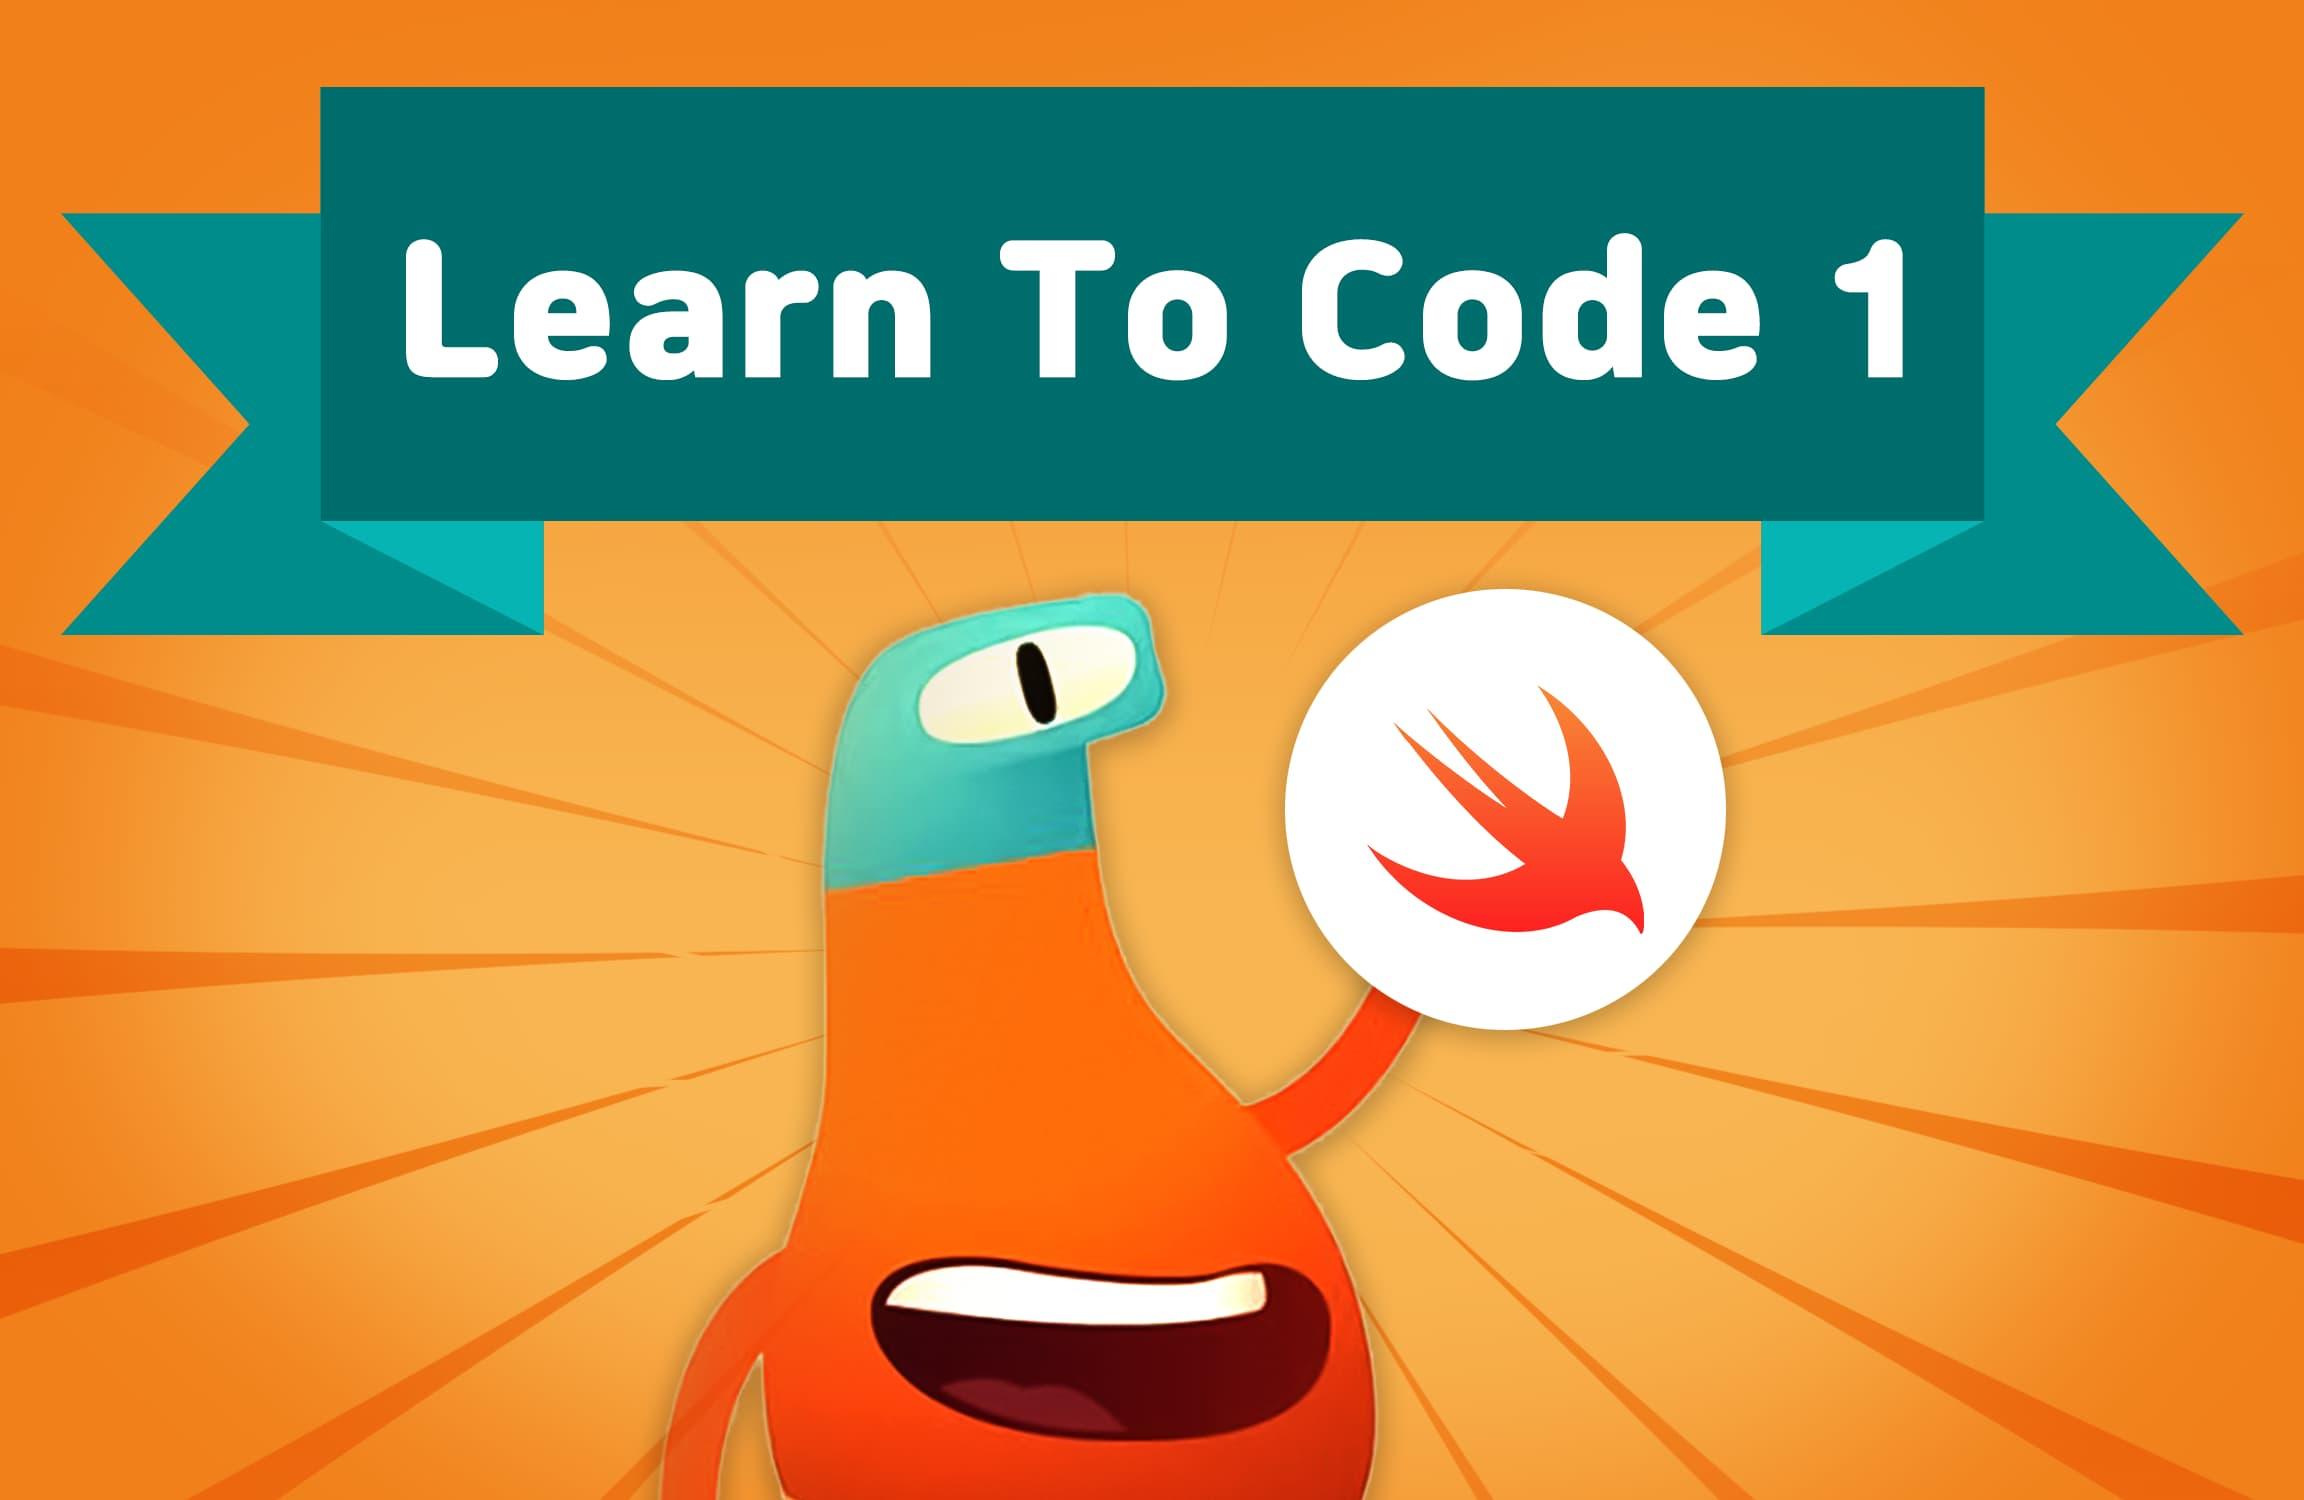 [누구나 할 수 있는] 아이패드에서 스위프트 코딩 배우기1